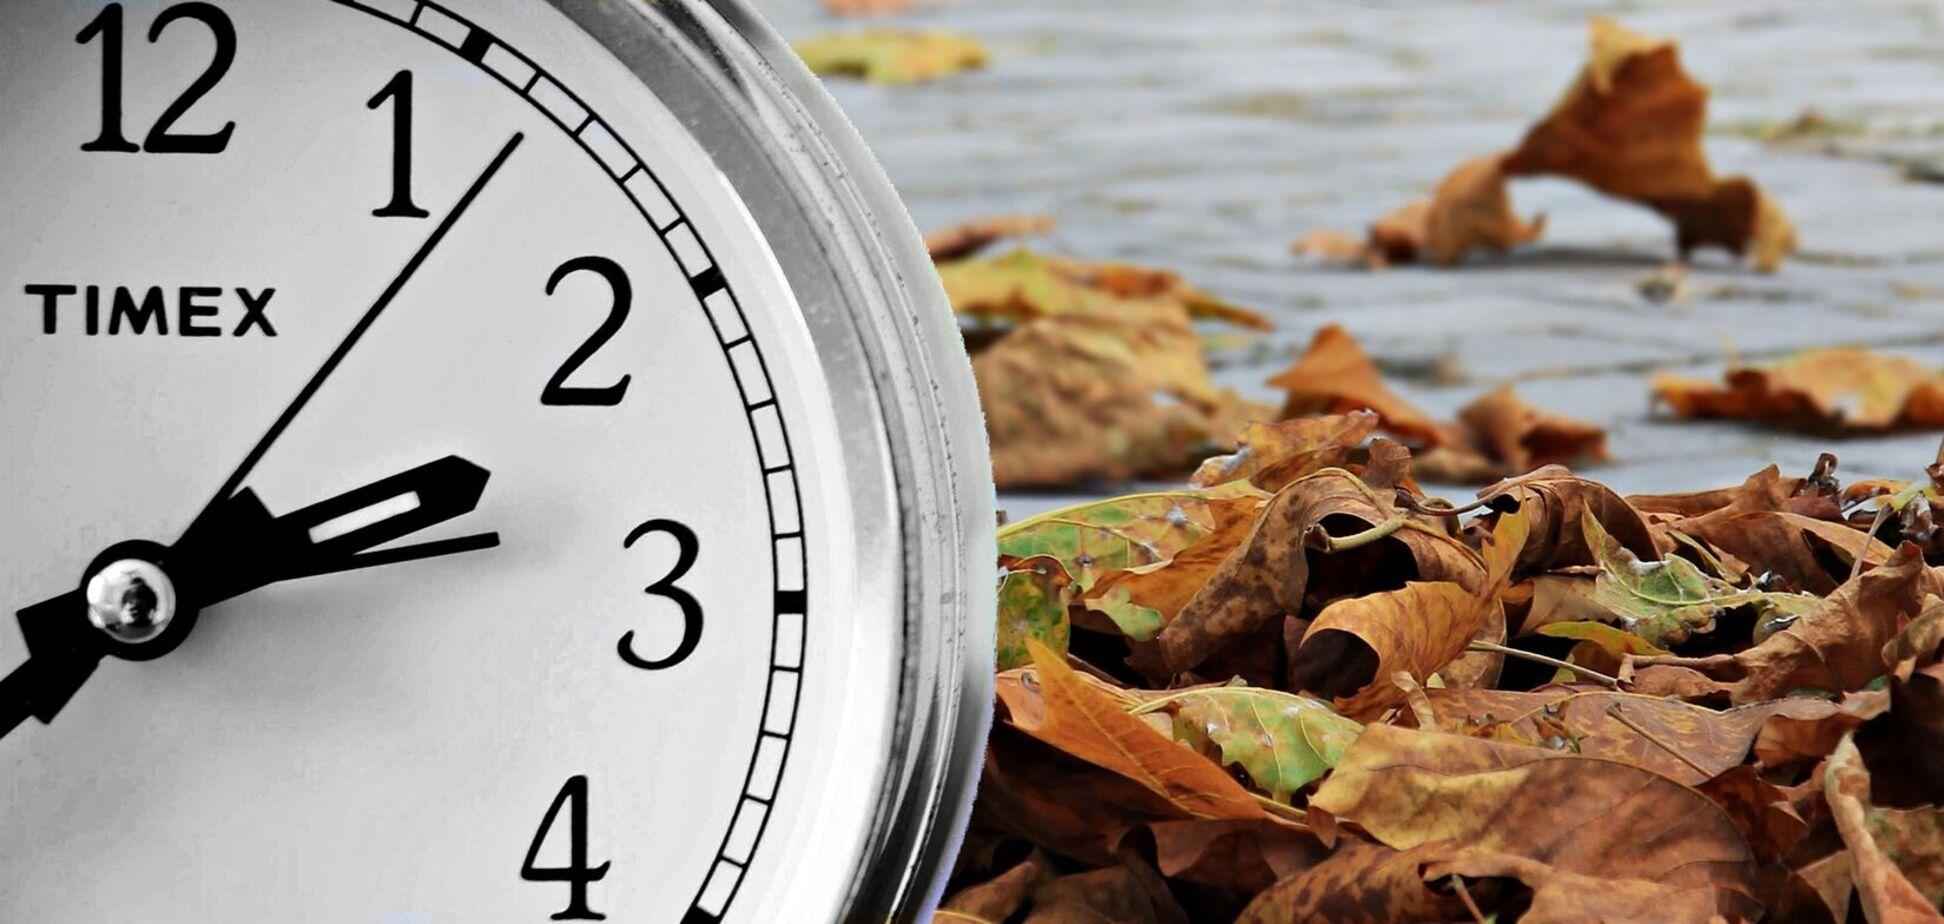 После перехода на зимнее время многие жалуются на общее ухудшение самочувствия